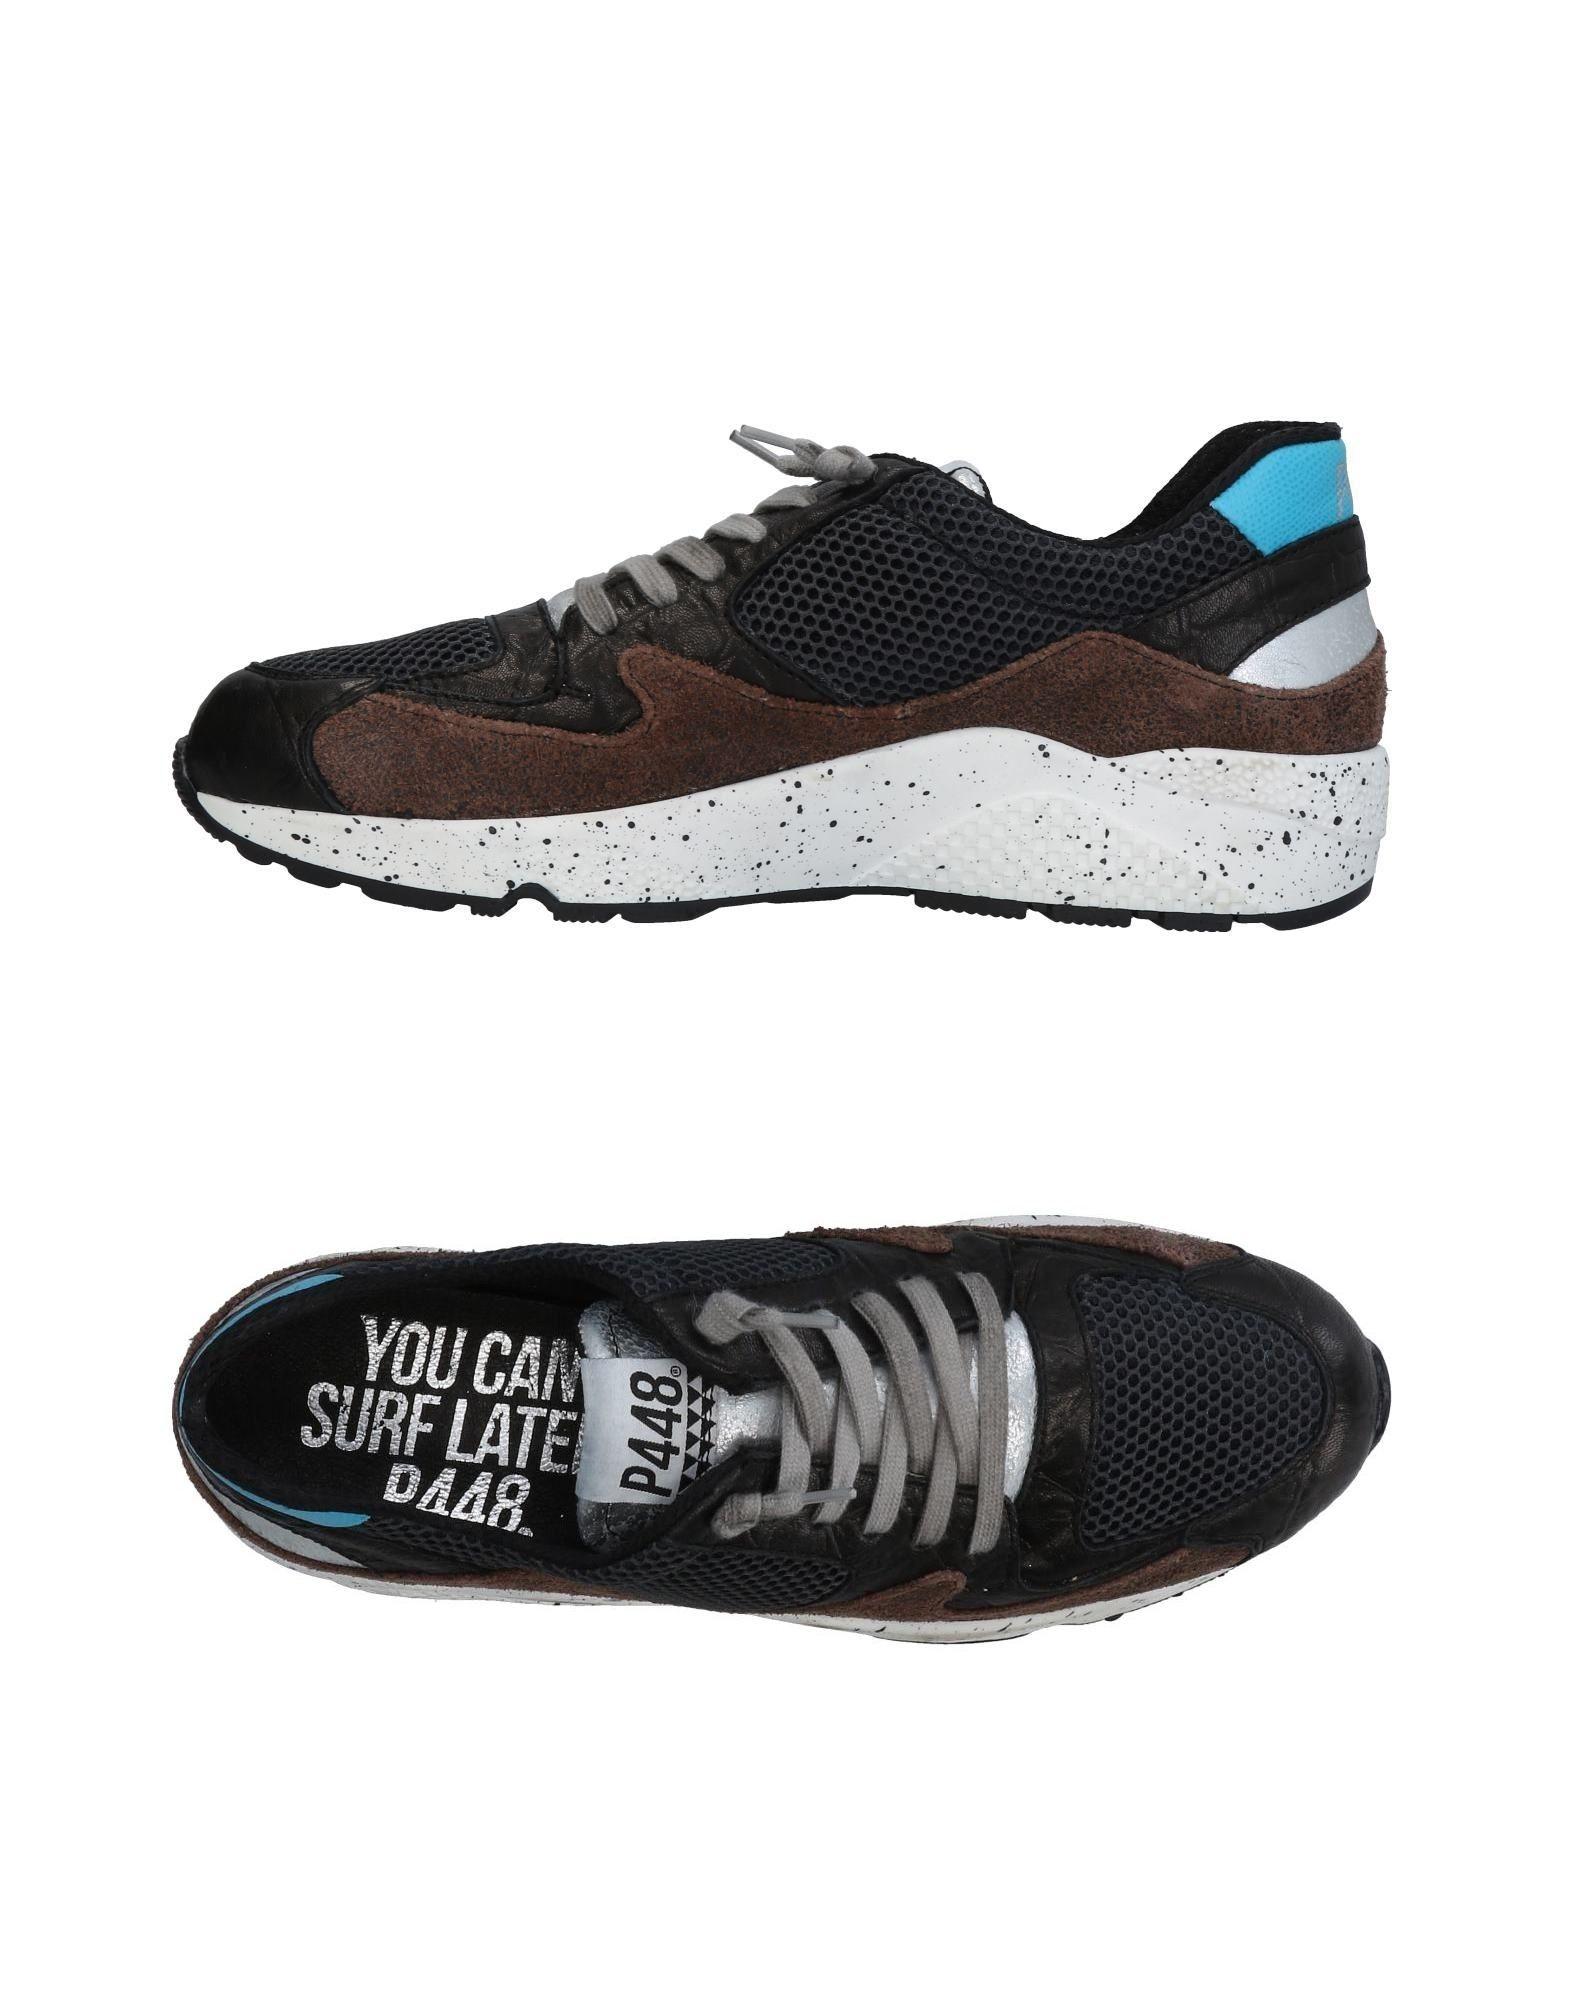 Moda Sneakers Sneakers Moda P448 Uomo - 11457252DD 849870